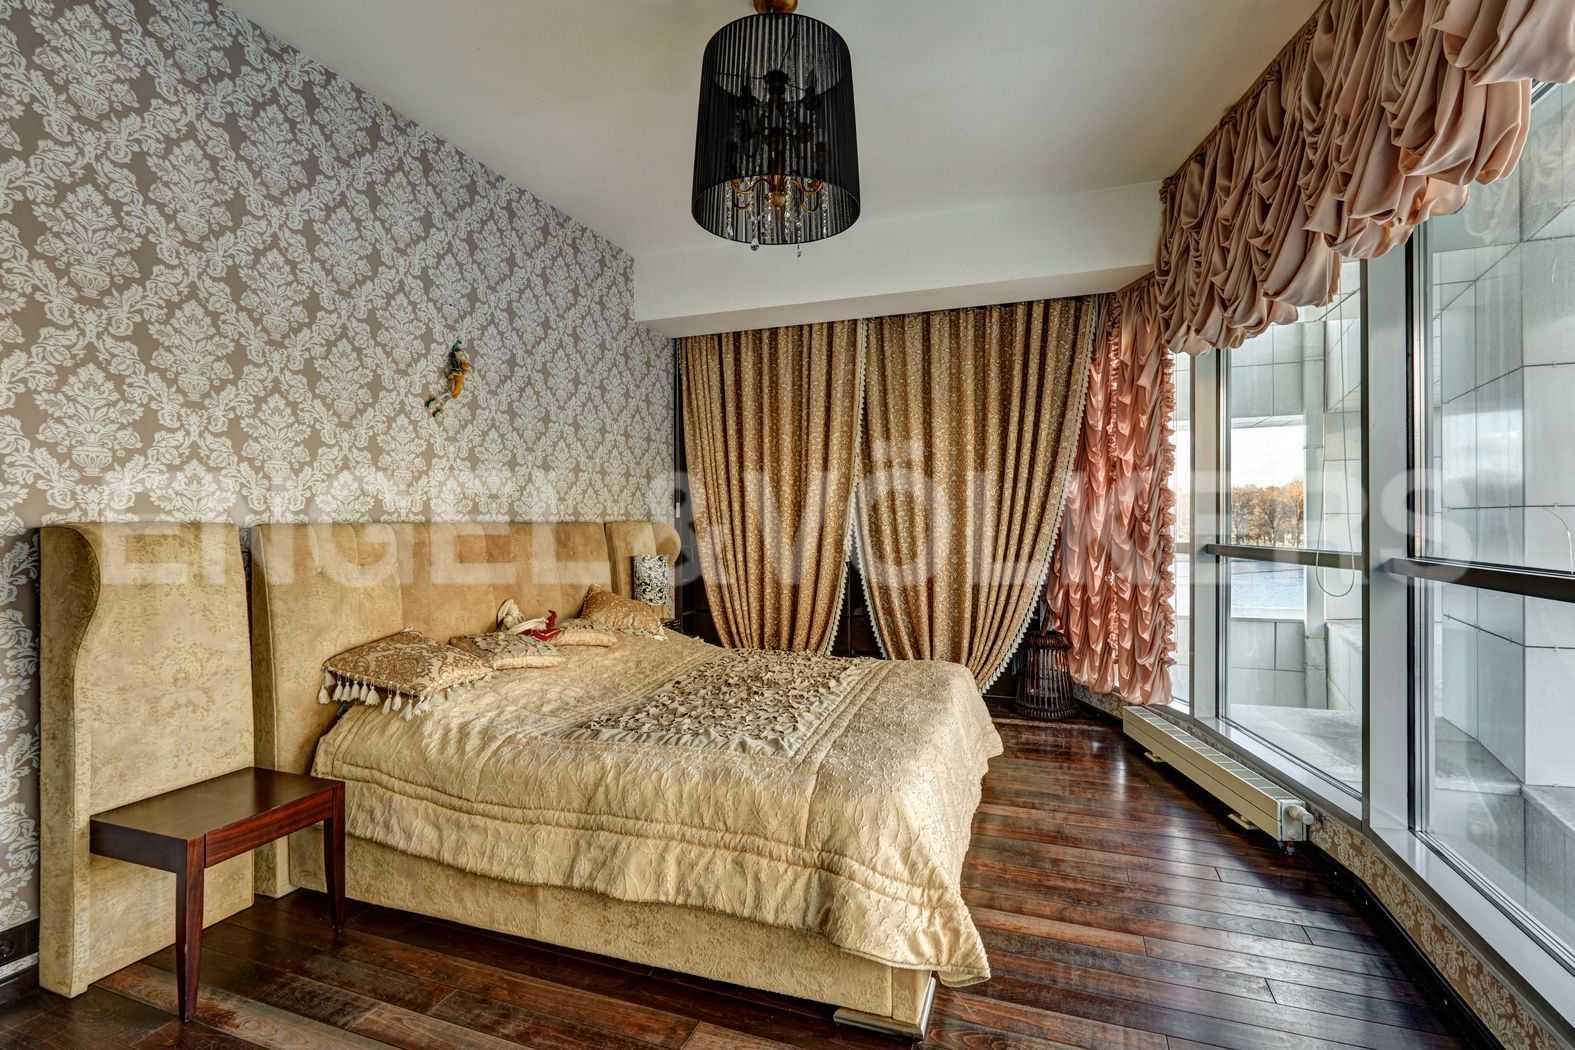 Элитные квартиры в Петроградском районе. Санкт-Петербург, Песочная наб. 18. Спальня, выполненная в изысканном стиле